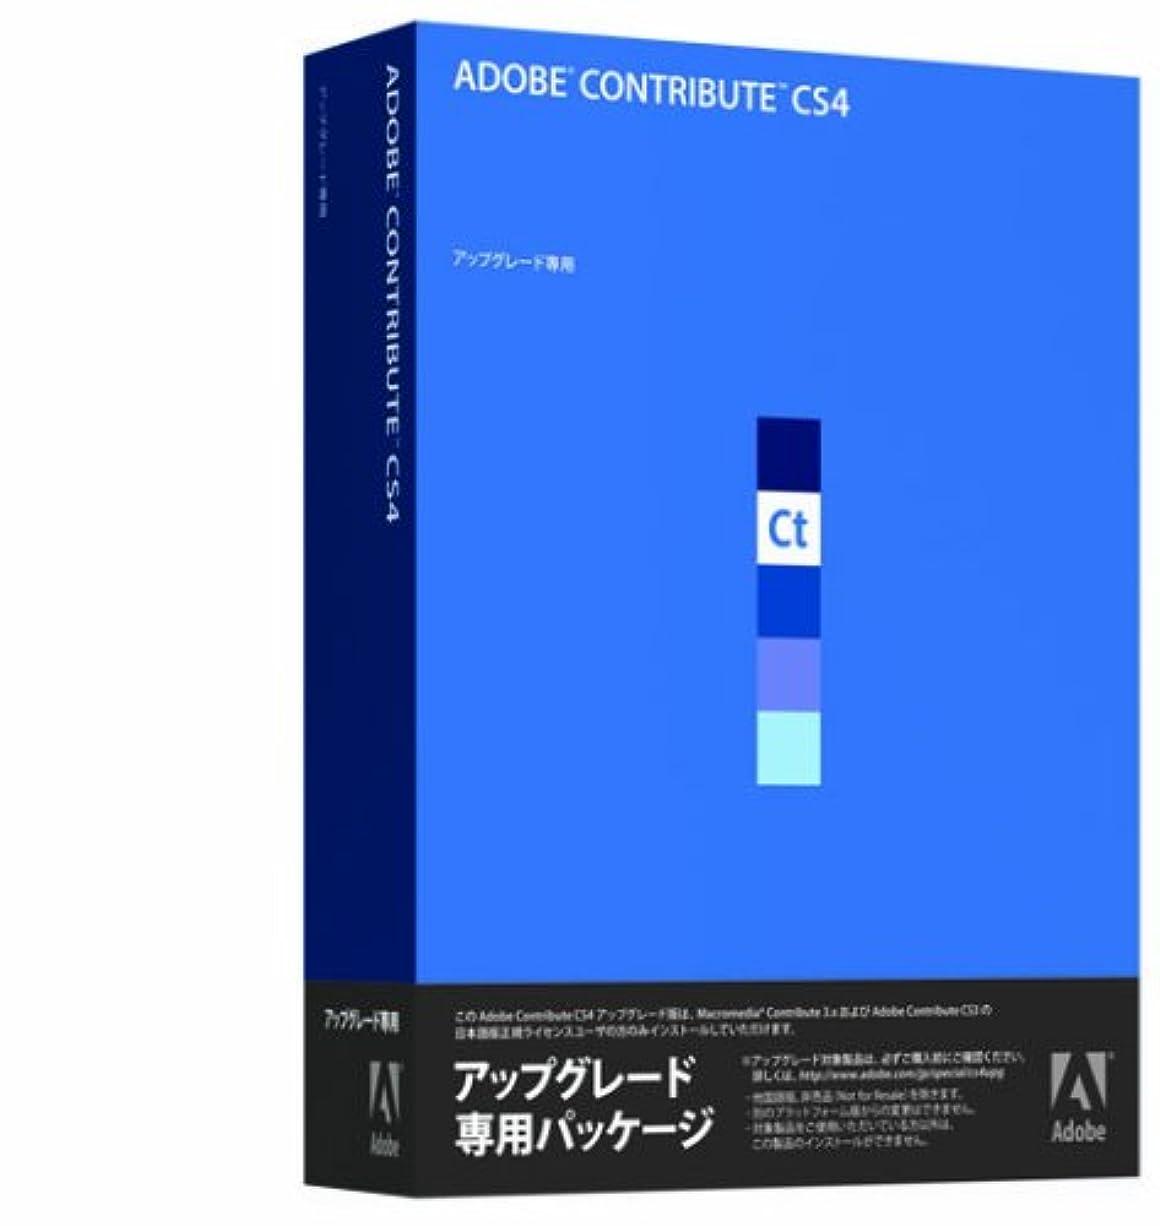 到着するコールドバクテリアAdobe Contribute CS4 (V5.0) 日本語版 アップグレード版 Macintosh版